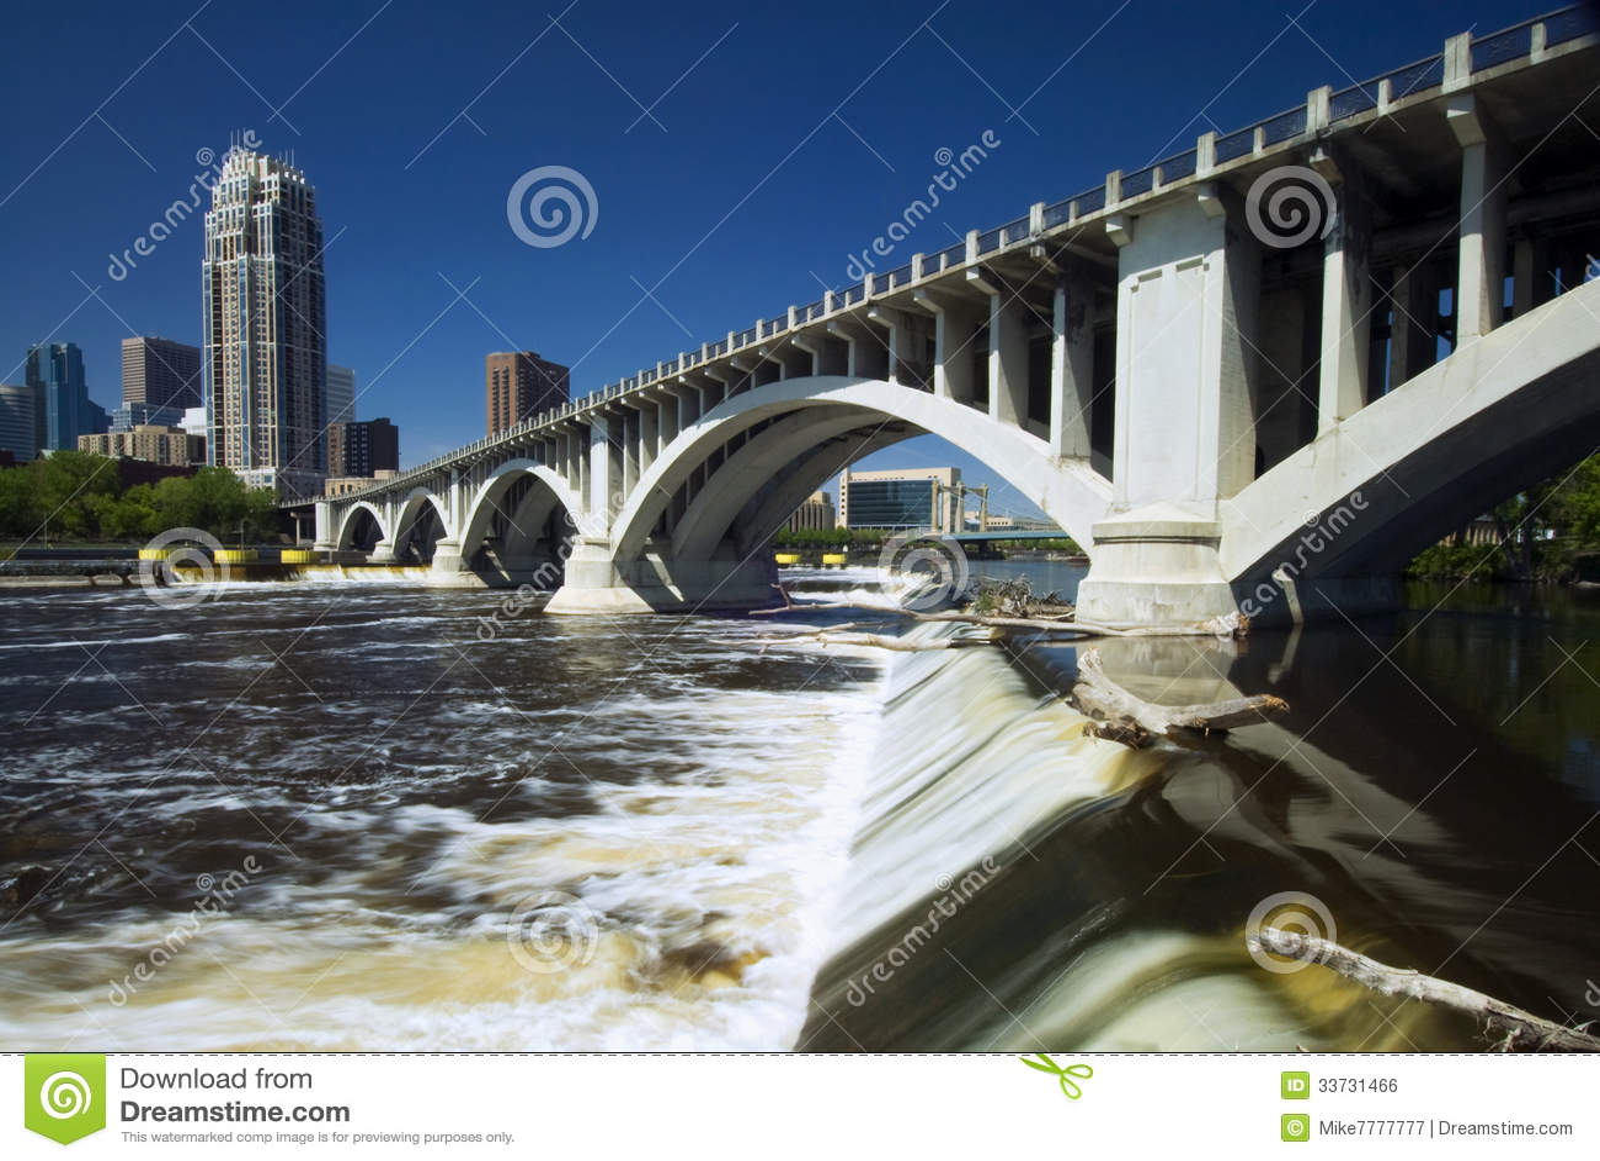 Третий мост бульвара над падениями Святого Антония. Миннеаполис, Минесота, США